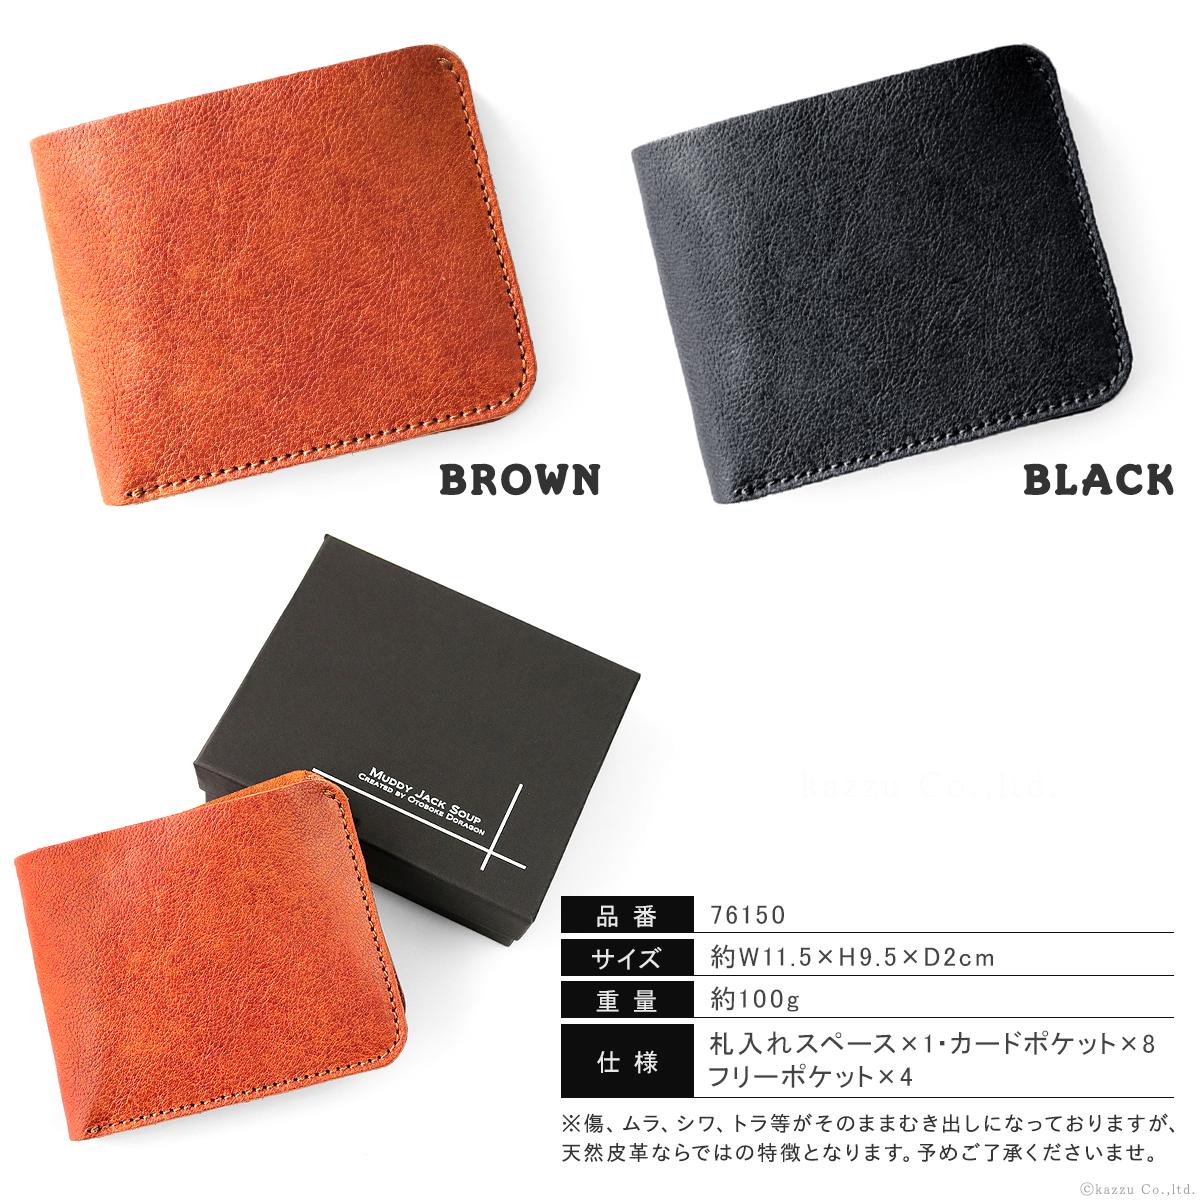 Muddy Jack Soup 日本製 本革 小銭入れの無い「純札入れ」 二つ折り財布